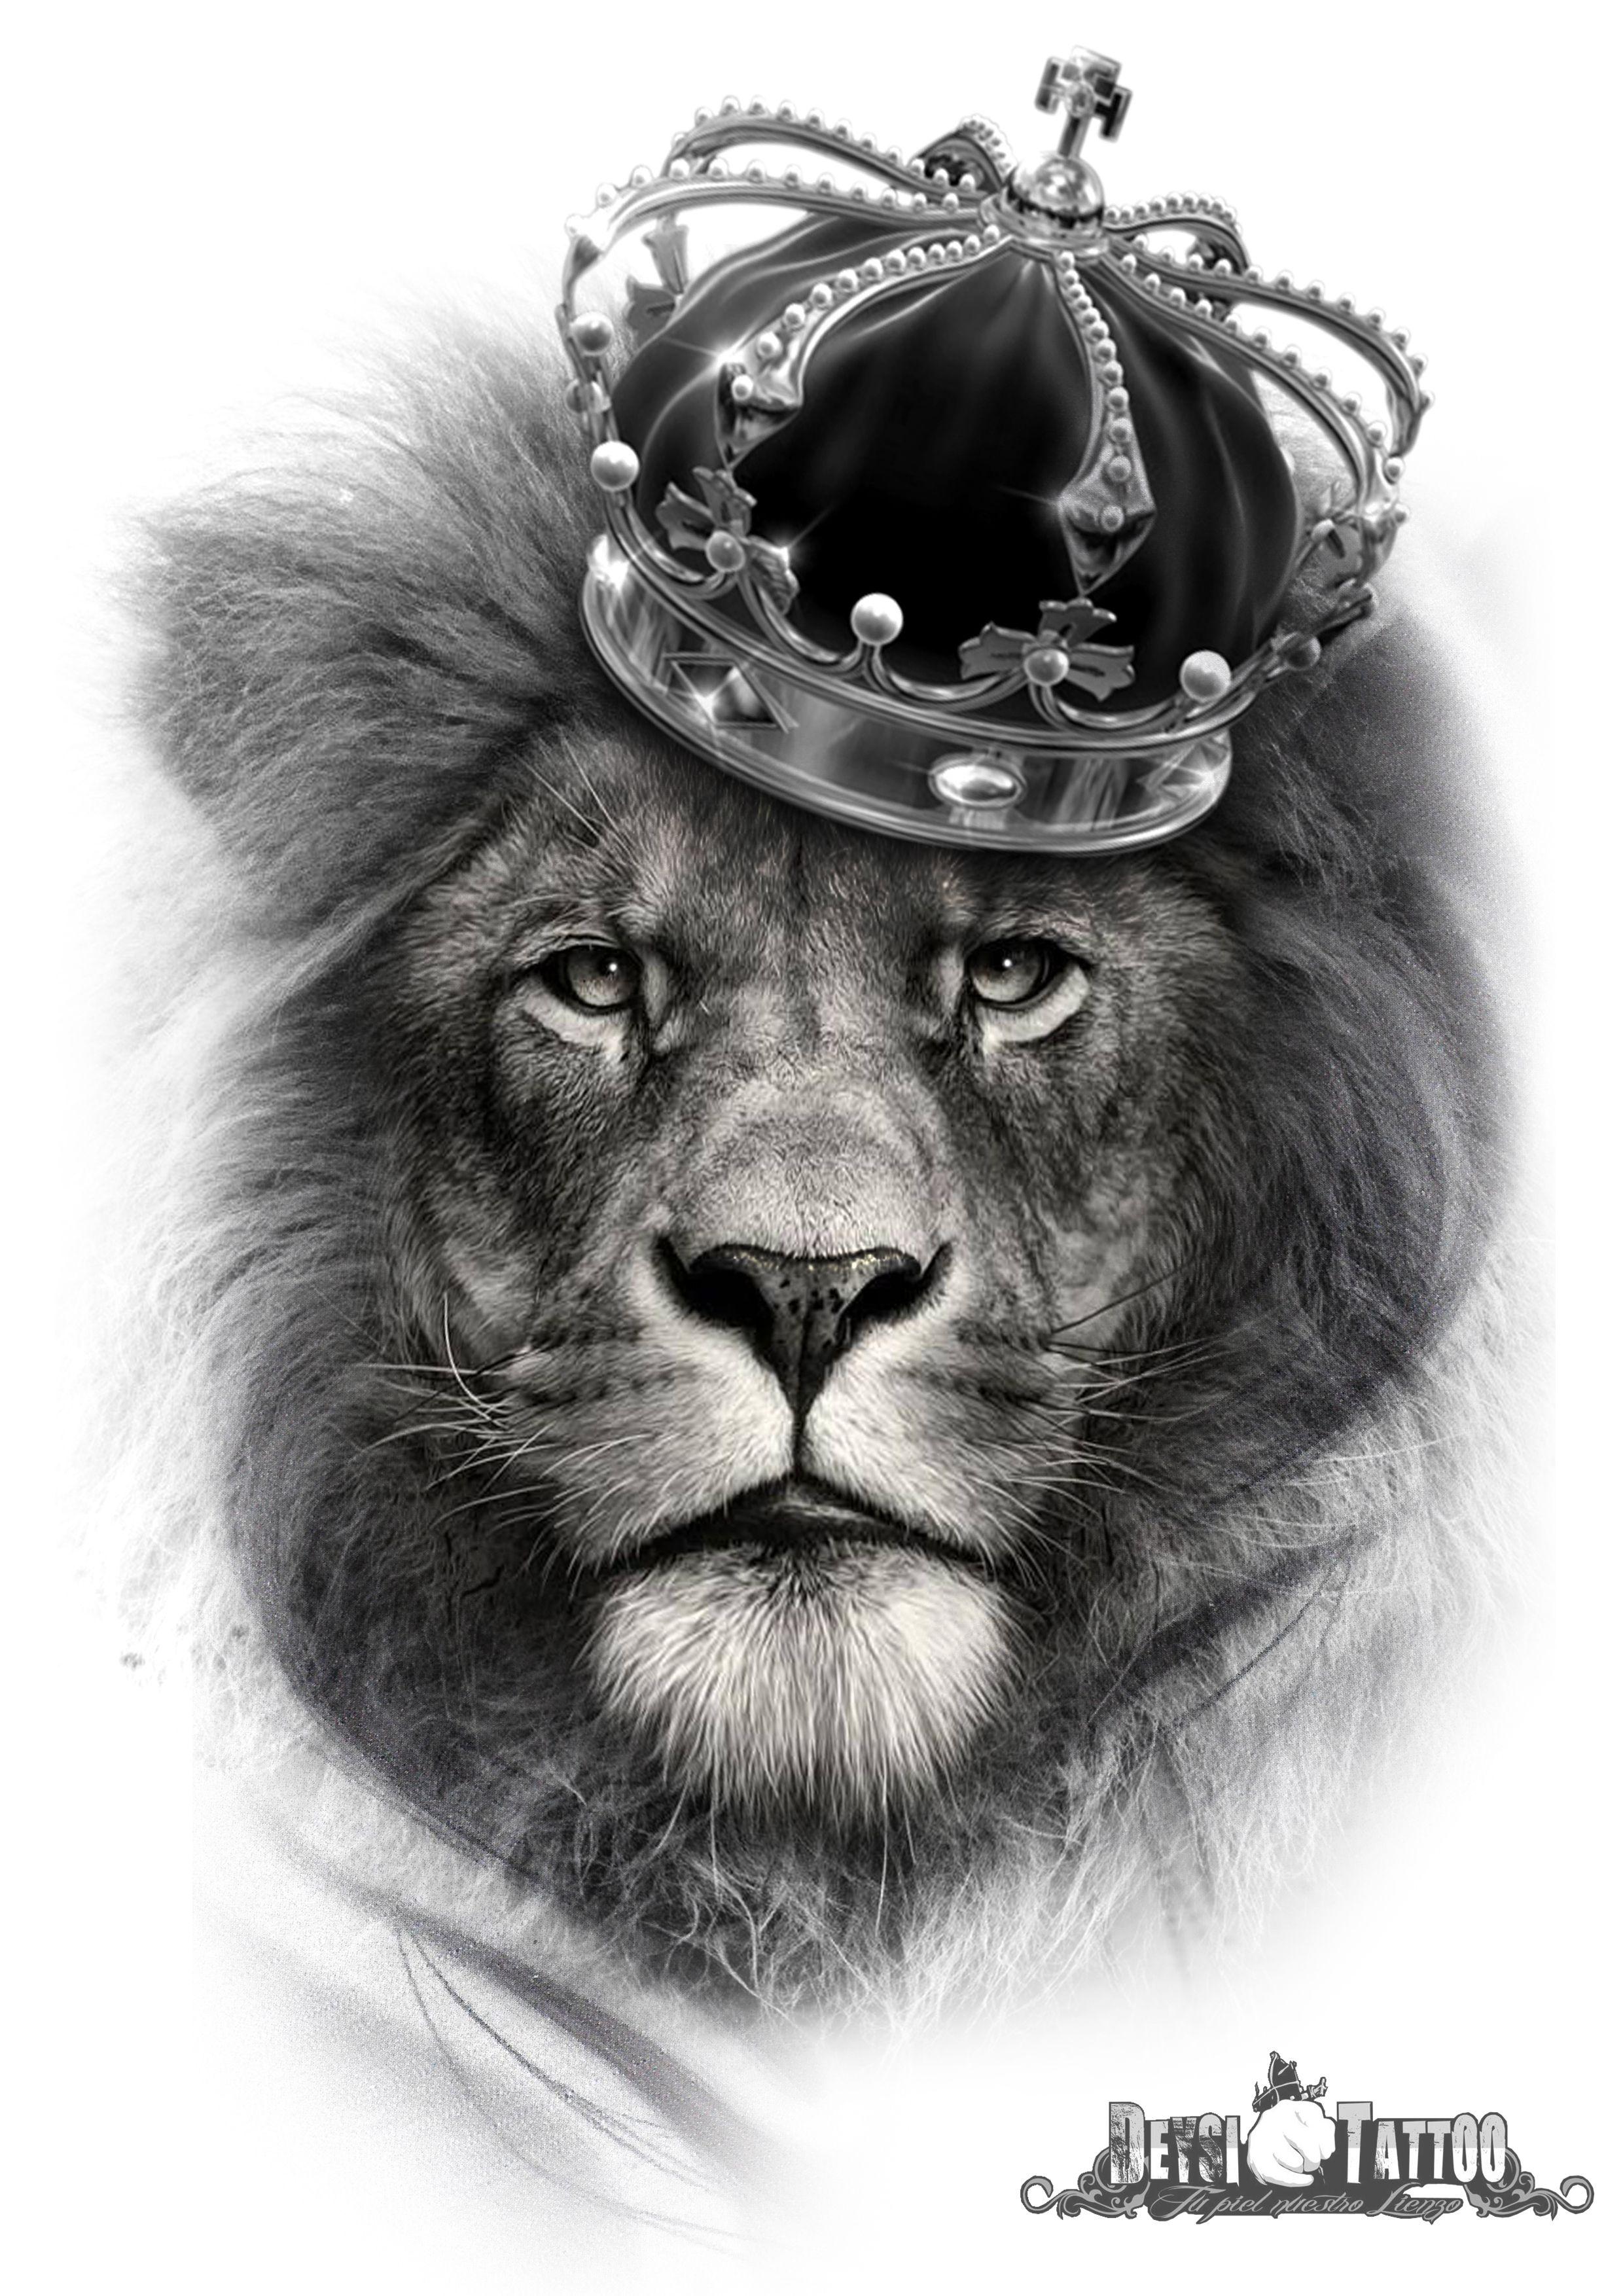 León Con Corona En La Cabeza Queda Claro Que él Es El Rey